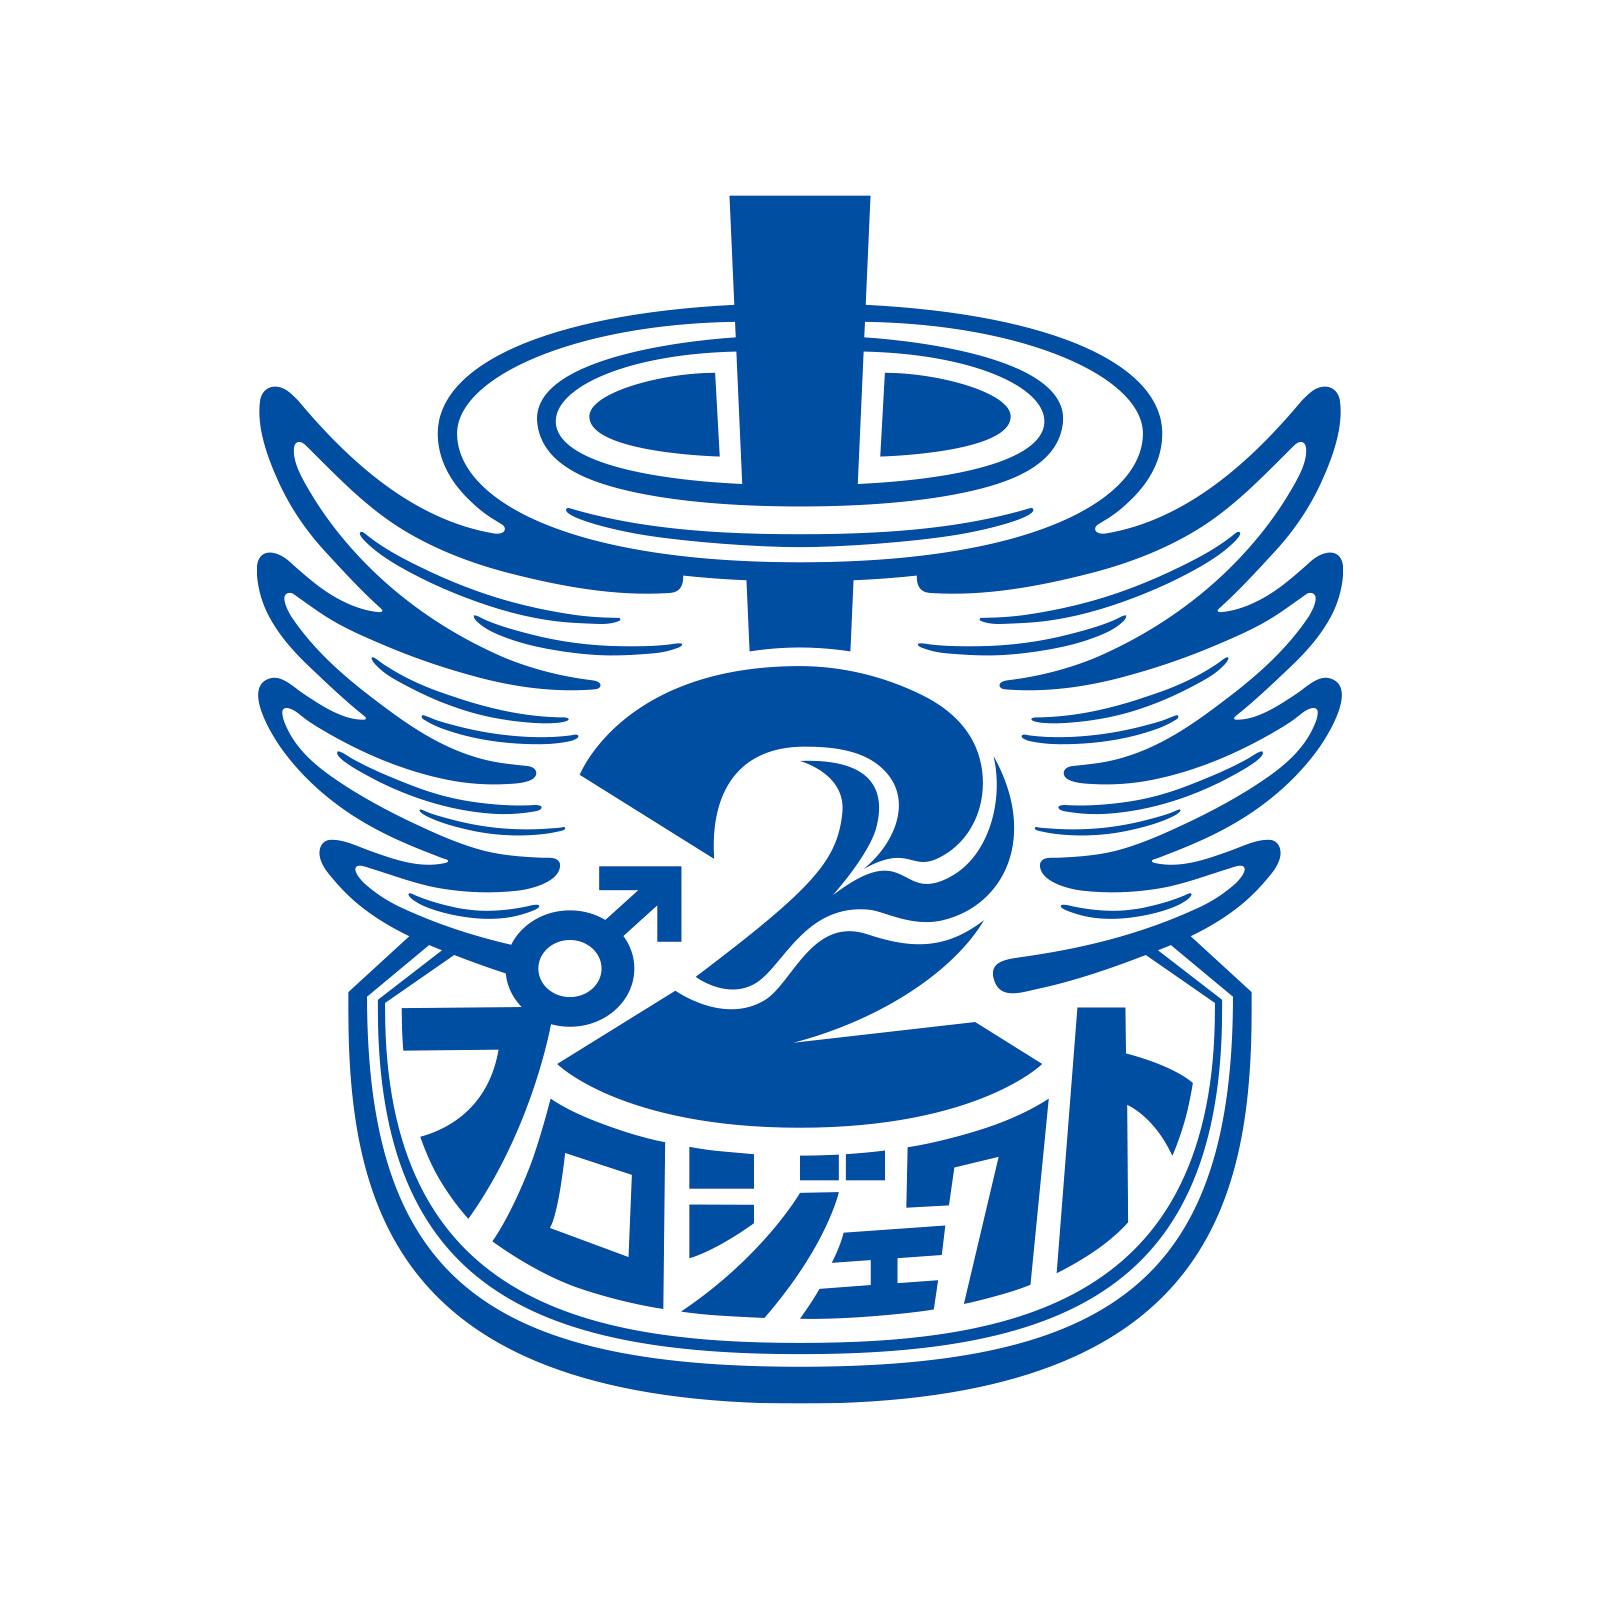 中2映画プロジェクト ロゴ|2020.12 つんく♂エンタメ♪サロン